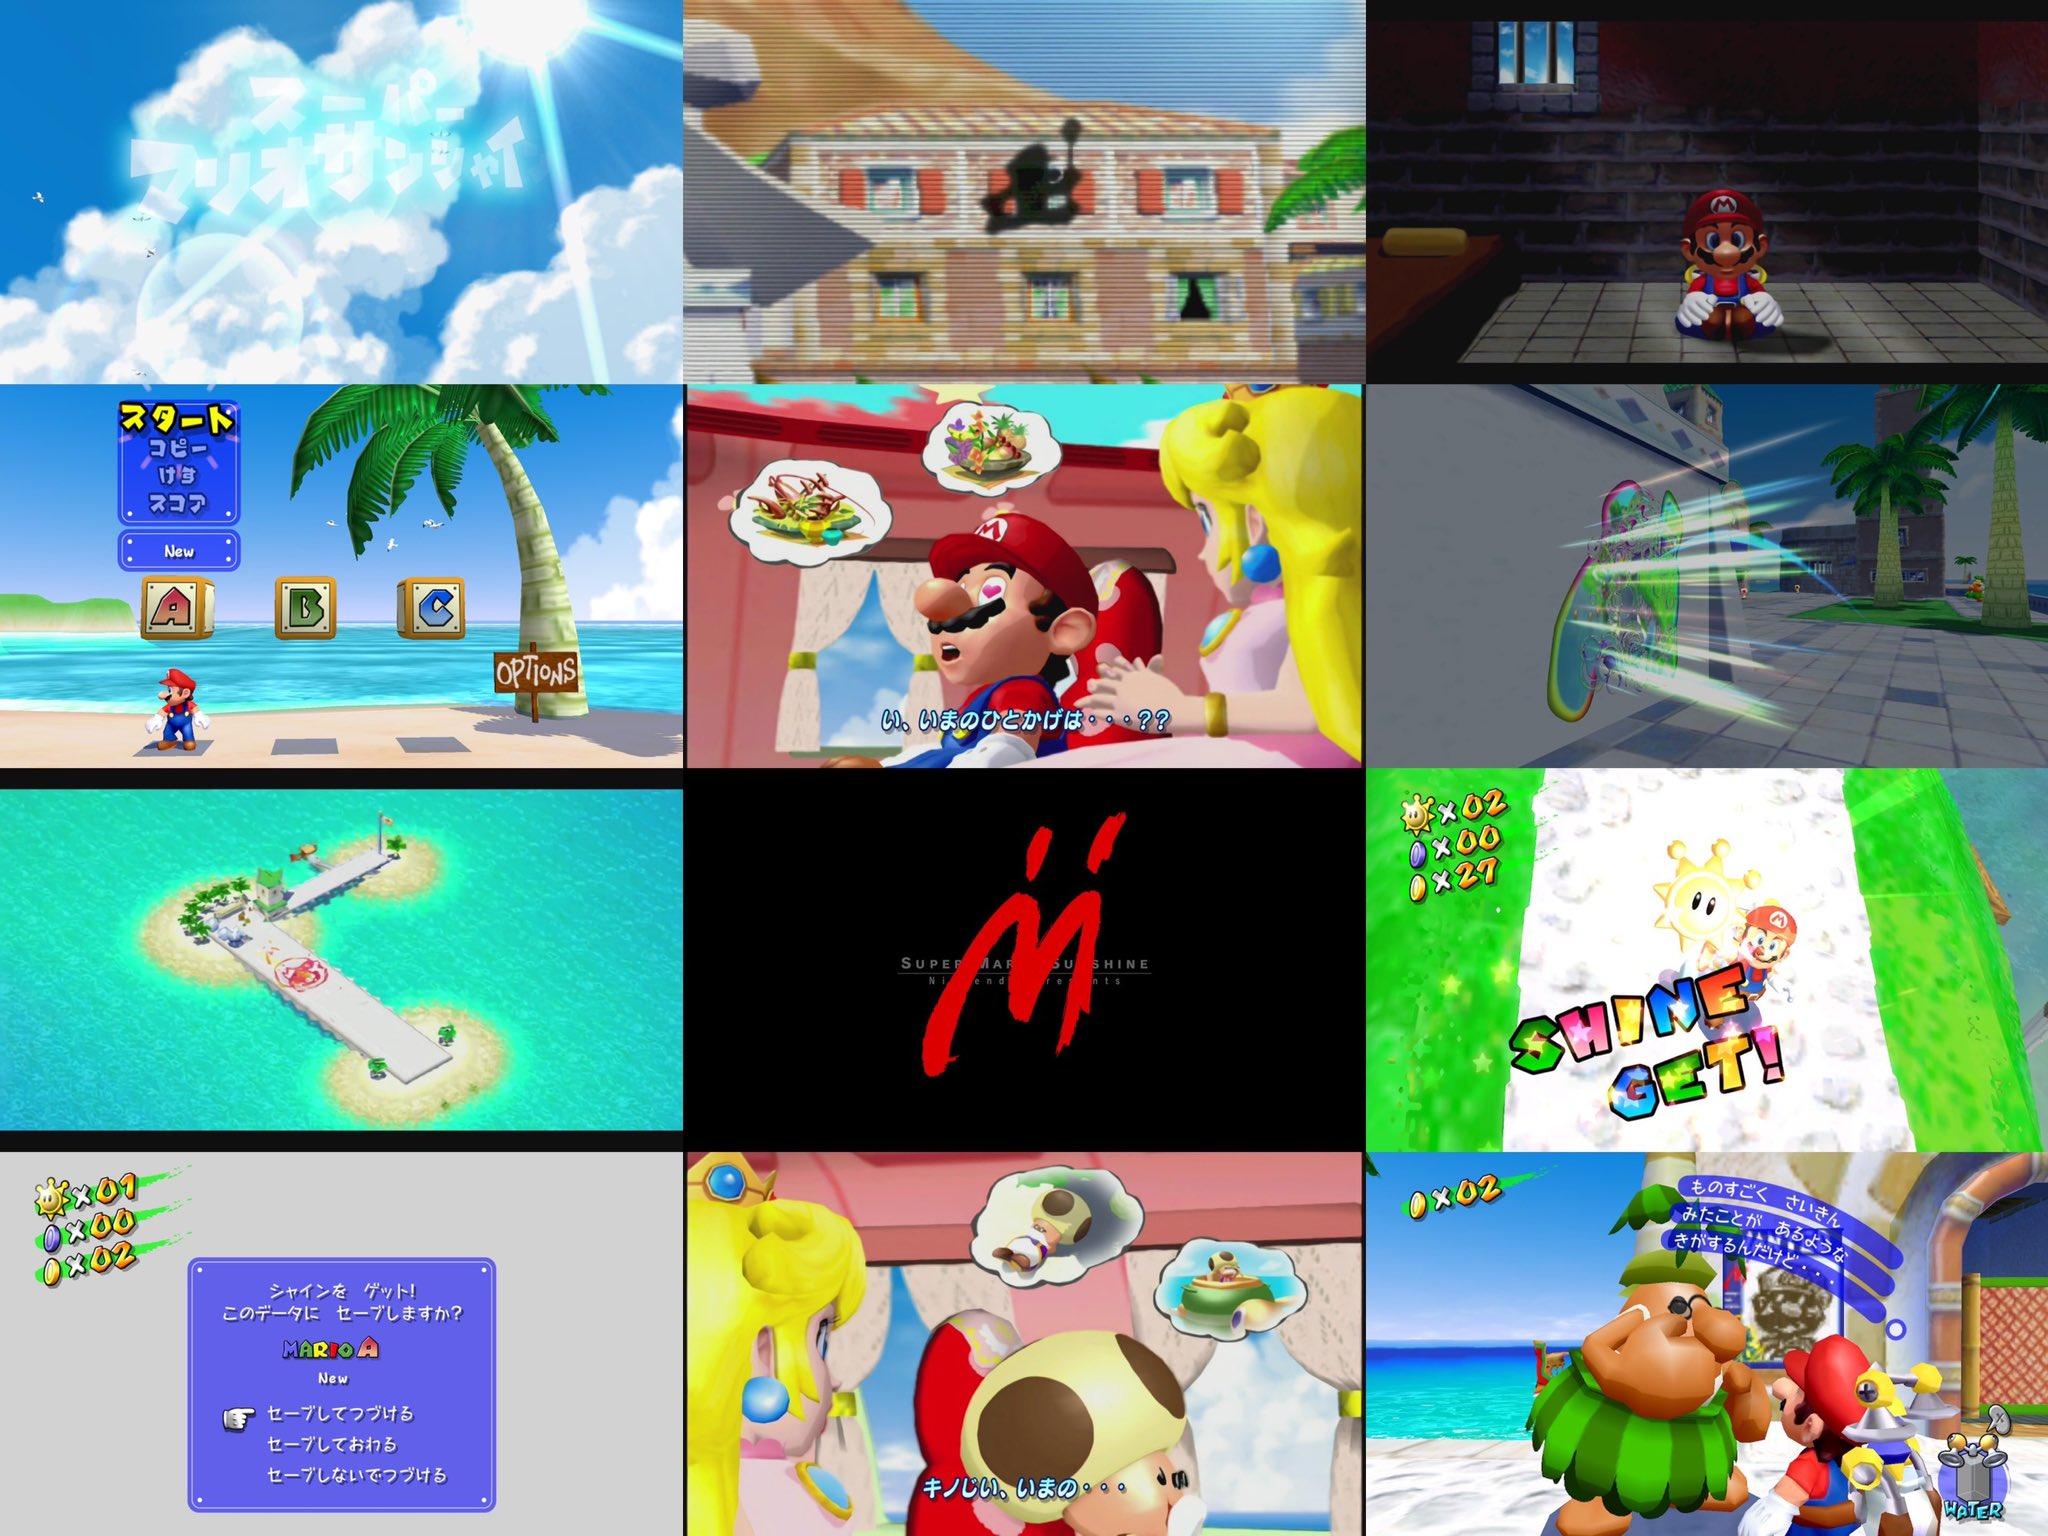 スーパーマリオ 3Dコレクションのスーパーマリオサンシャインをはじめてみる。 #SuperMario3DCollection #スーパーマリオ3Dコレクション #NintendoSwitch https://t.co/sscGptiqFB